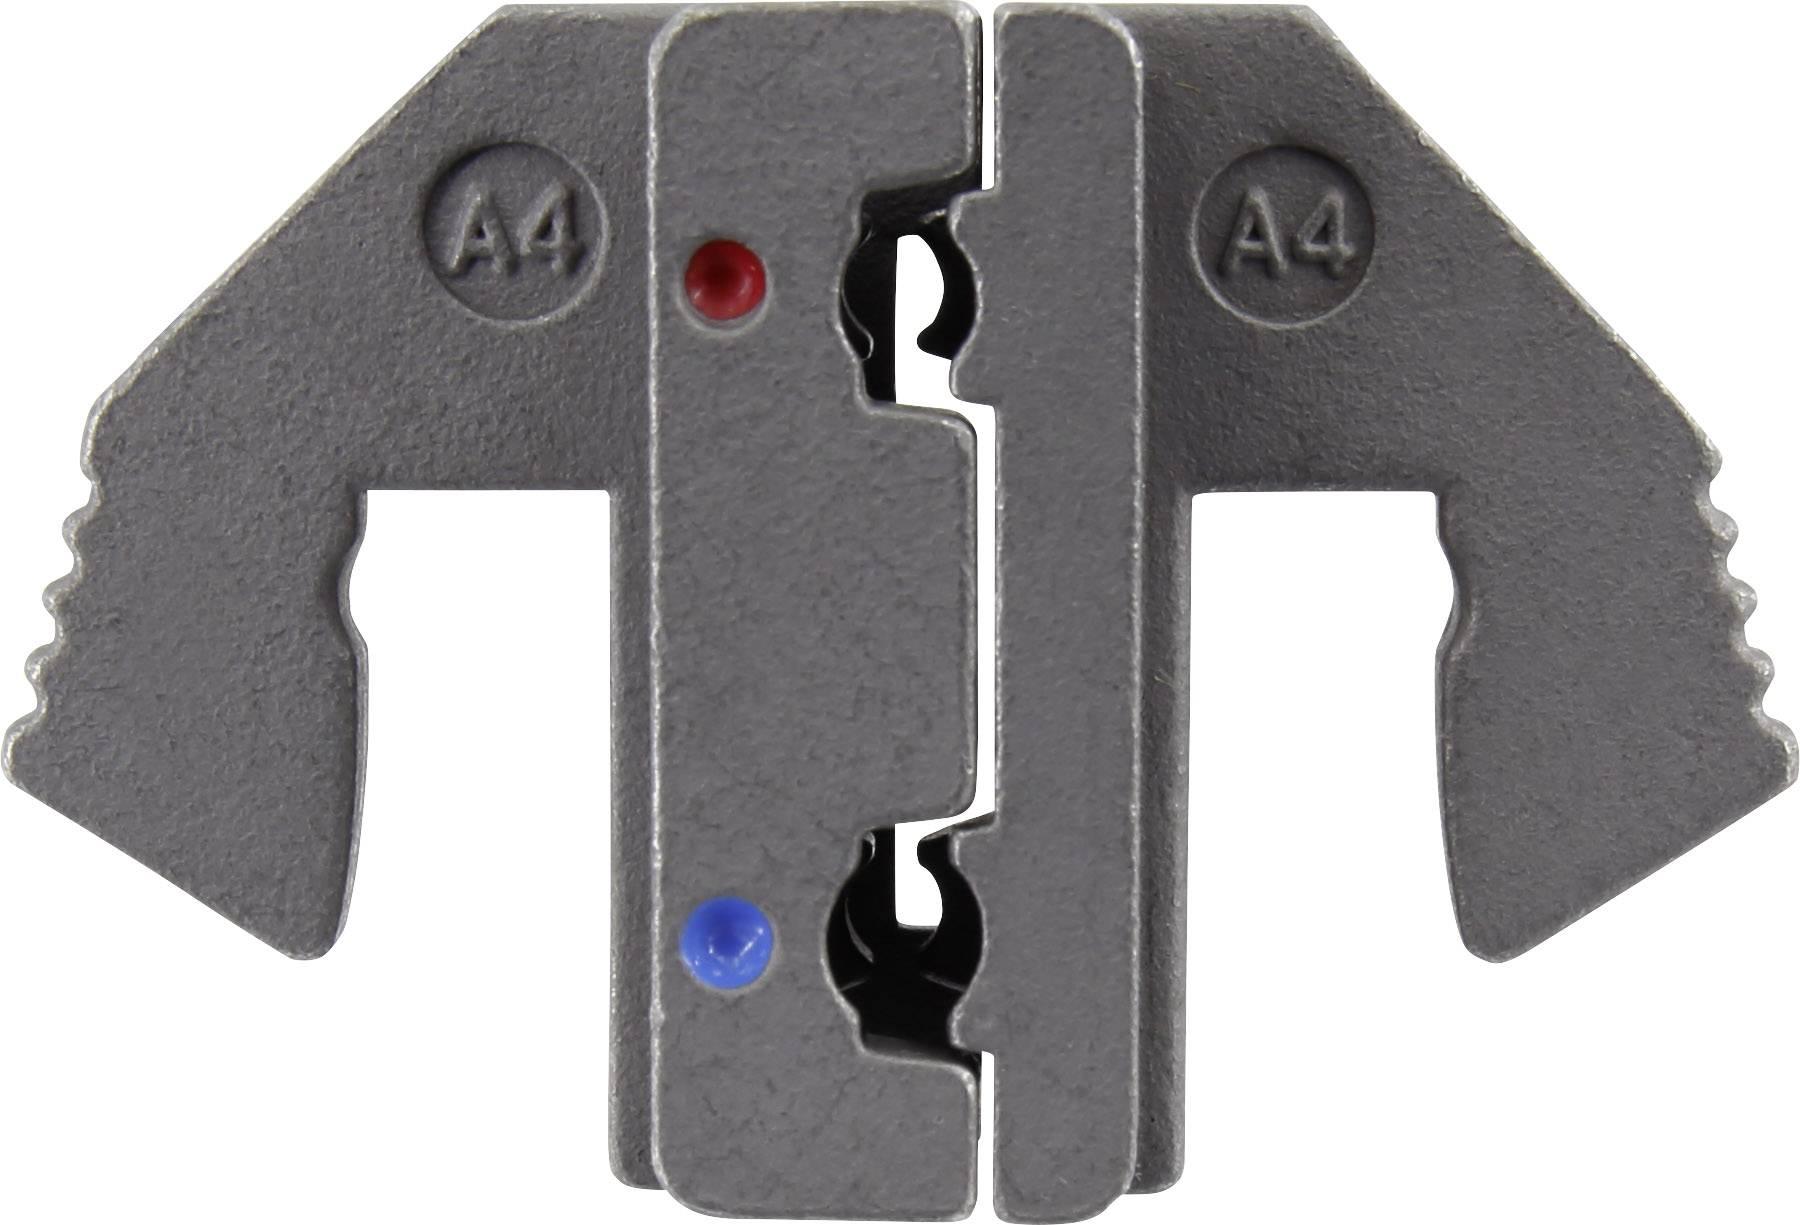 Krimpovací nástavec TOOLCRAFT 1423369, 0.5 do 2.5 mm², ATT.LOV.FITS4_BRAND_PLIERS TOOLCRAFT, 1423556